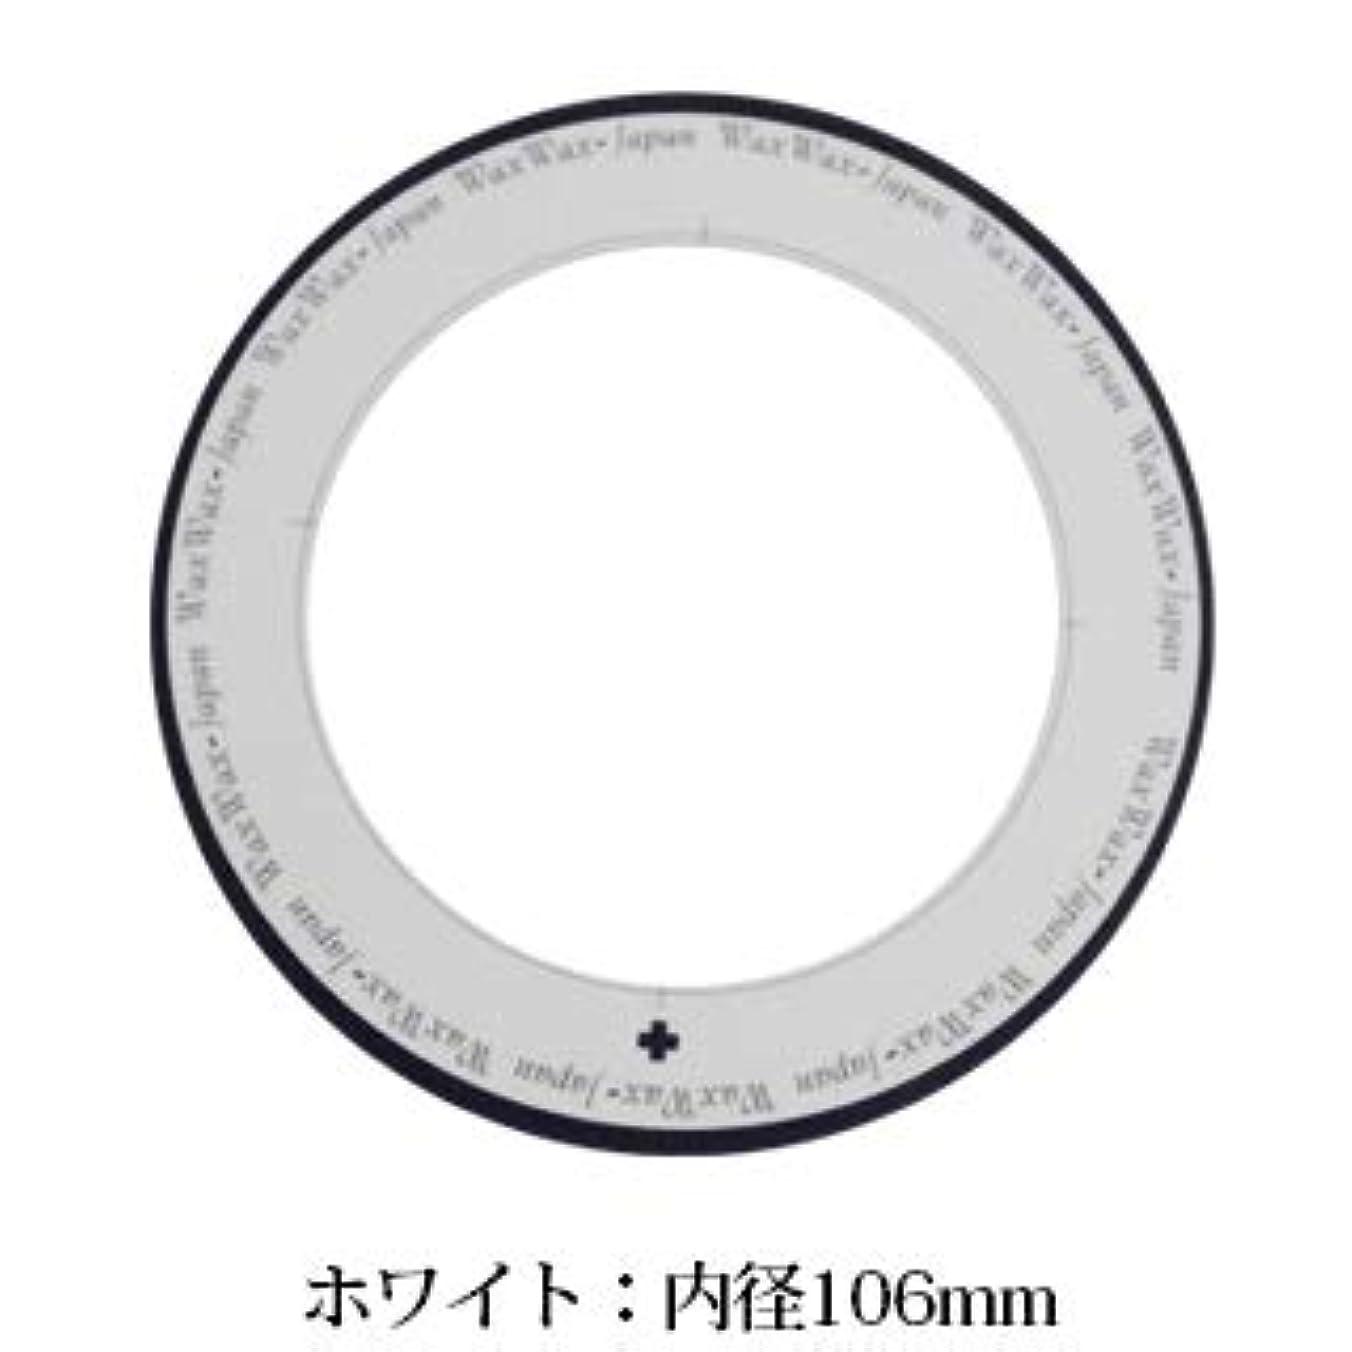 前部共産主義直感ワックス脱毛用カラー 50枚入 ワックスウォーマー専用 (Aタイプ ホワイト 内径:106mm)